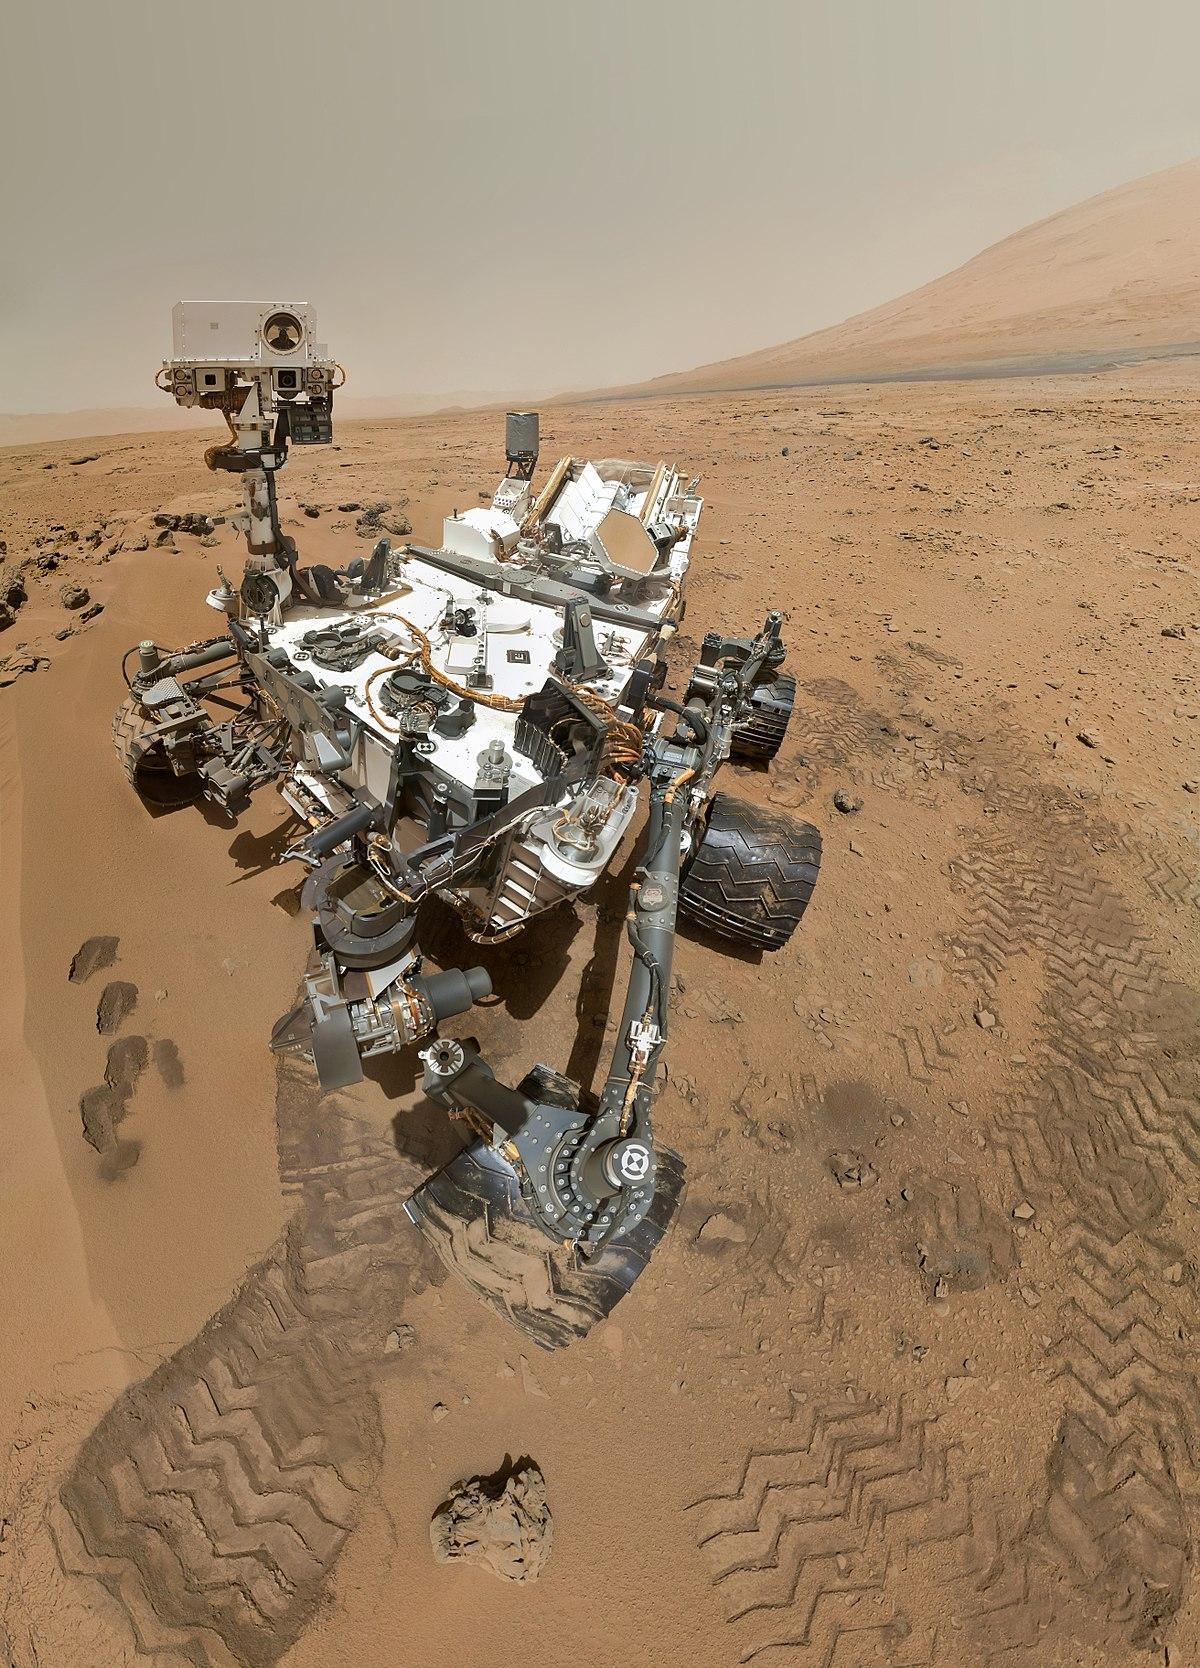 Els Astronautes del Curiosity